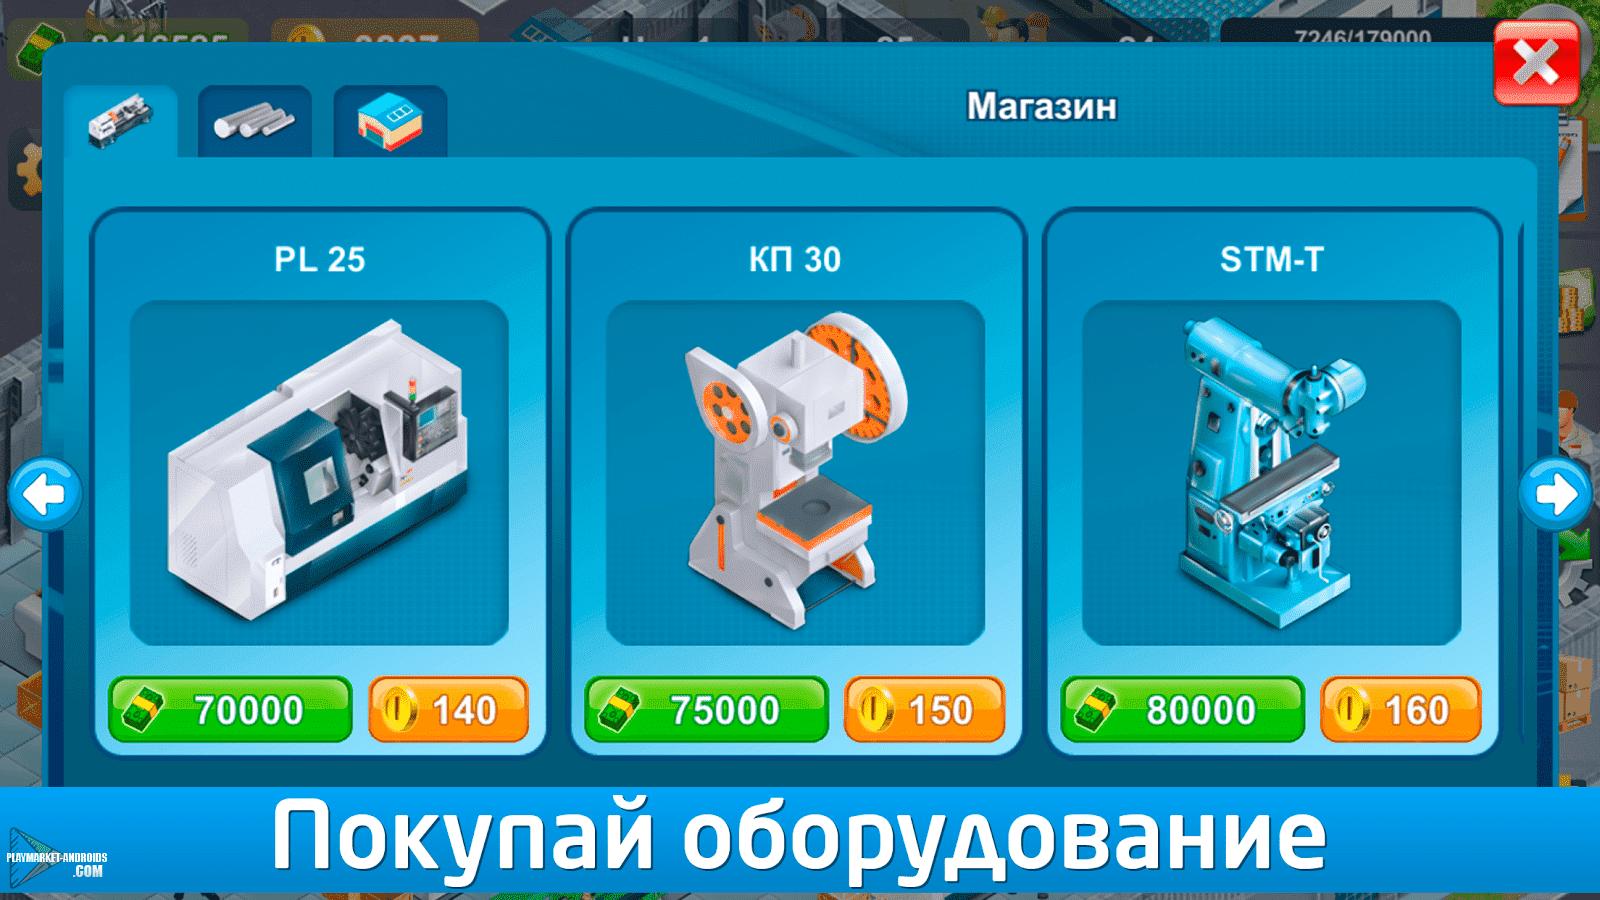 плей маркет 4 4 apk